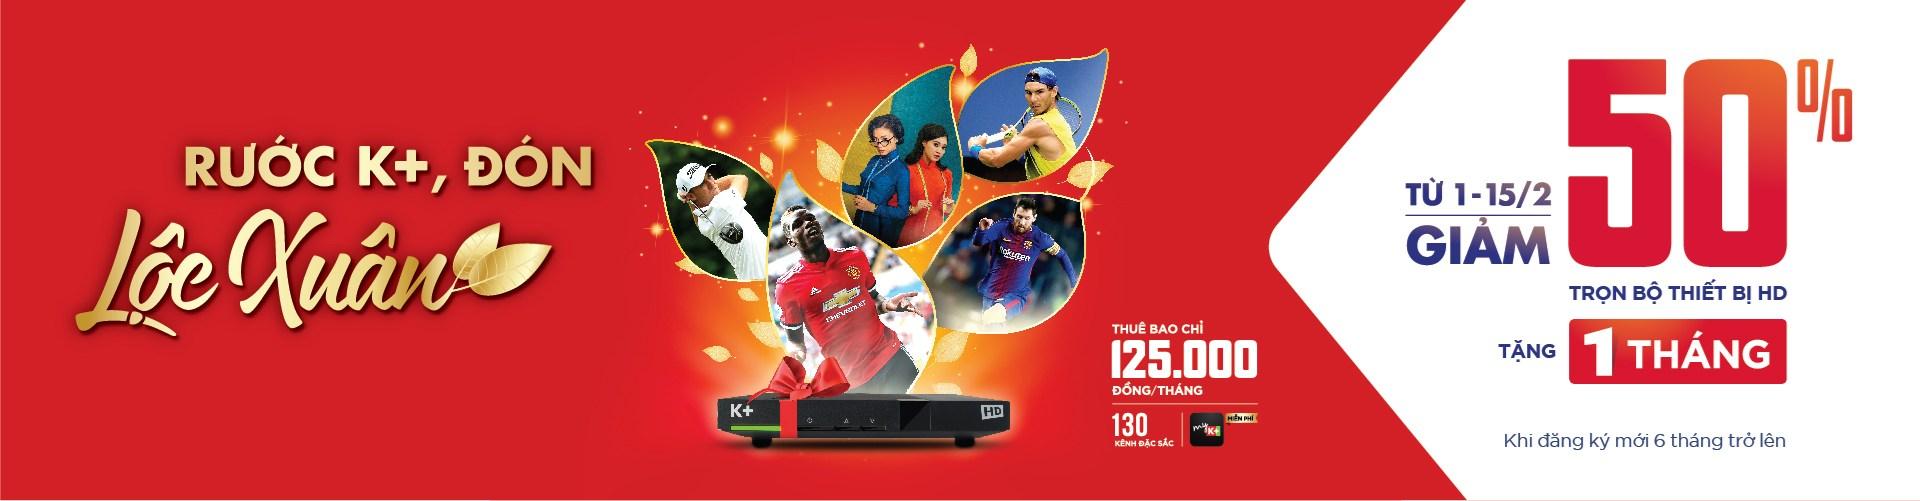 Truyền hình K+ khuyến mại giảm 50% giá đầu thu dịp Tết 2018